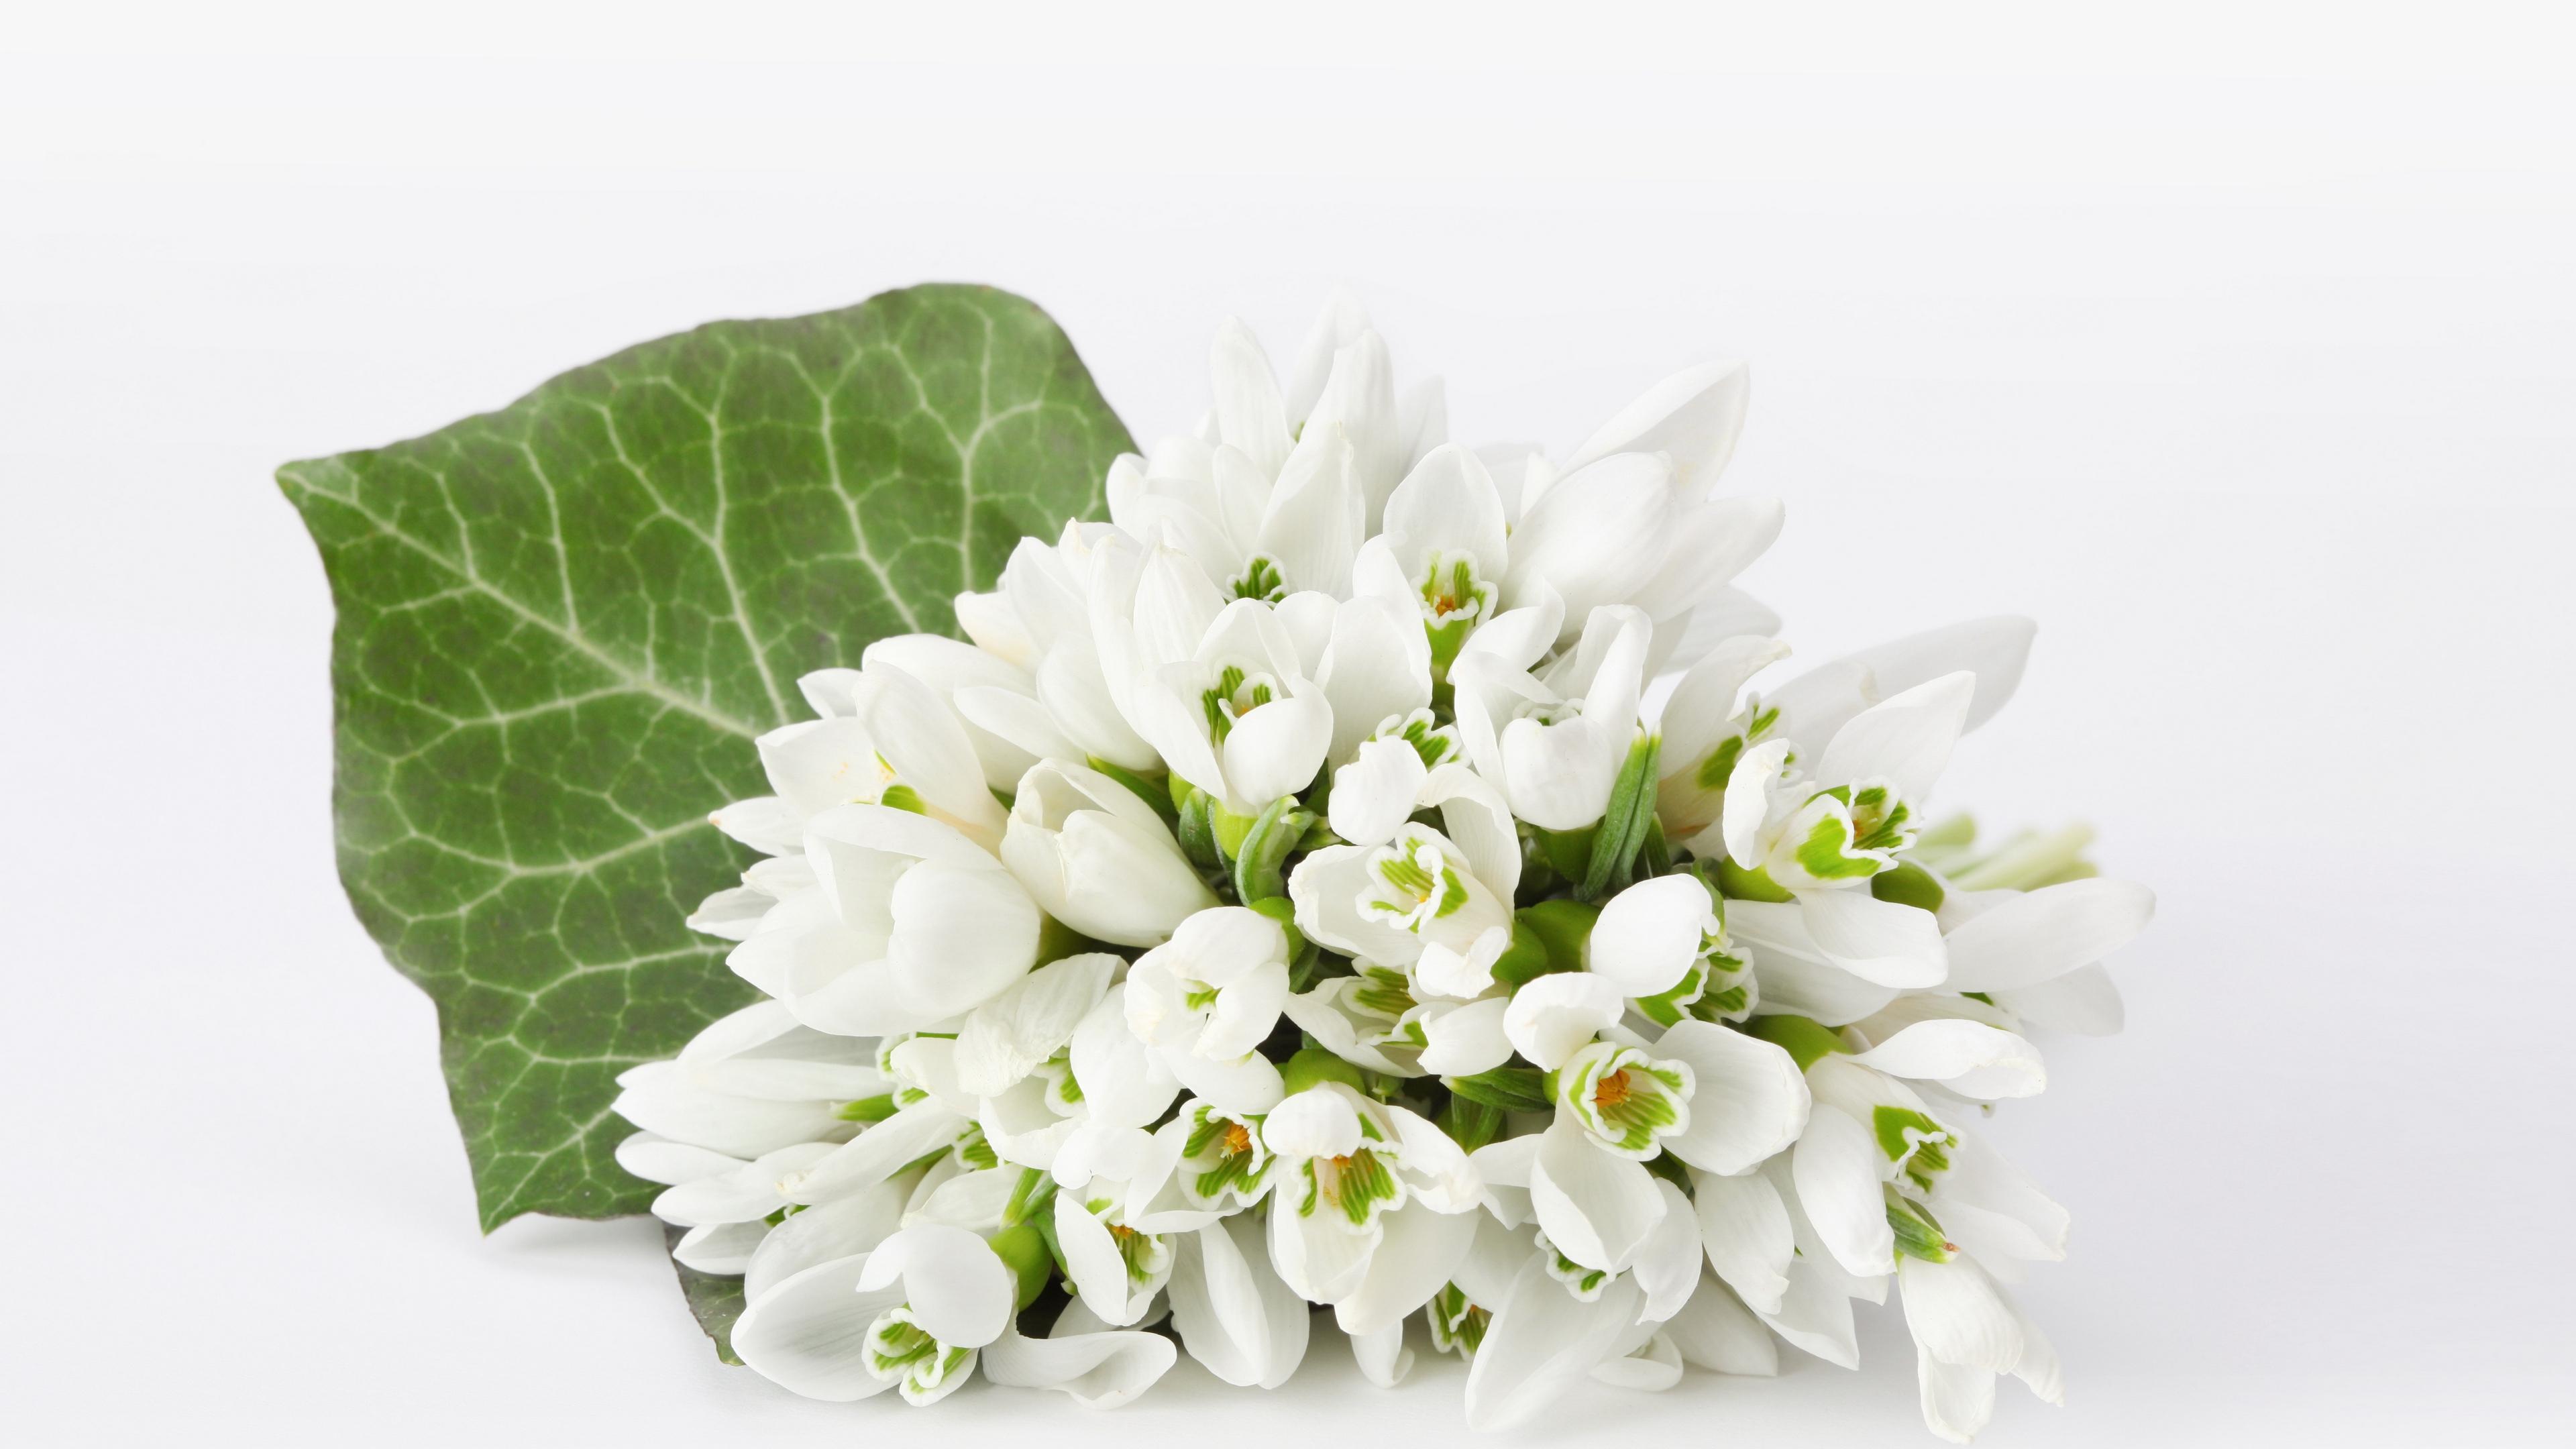 snowdrops bouquet white background 4k 1540065155 - snowdrops, bouquet, white background 4k - white background, snowdrops, Bouquet